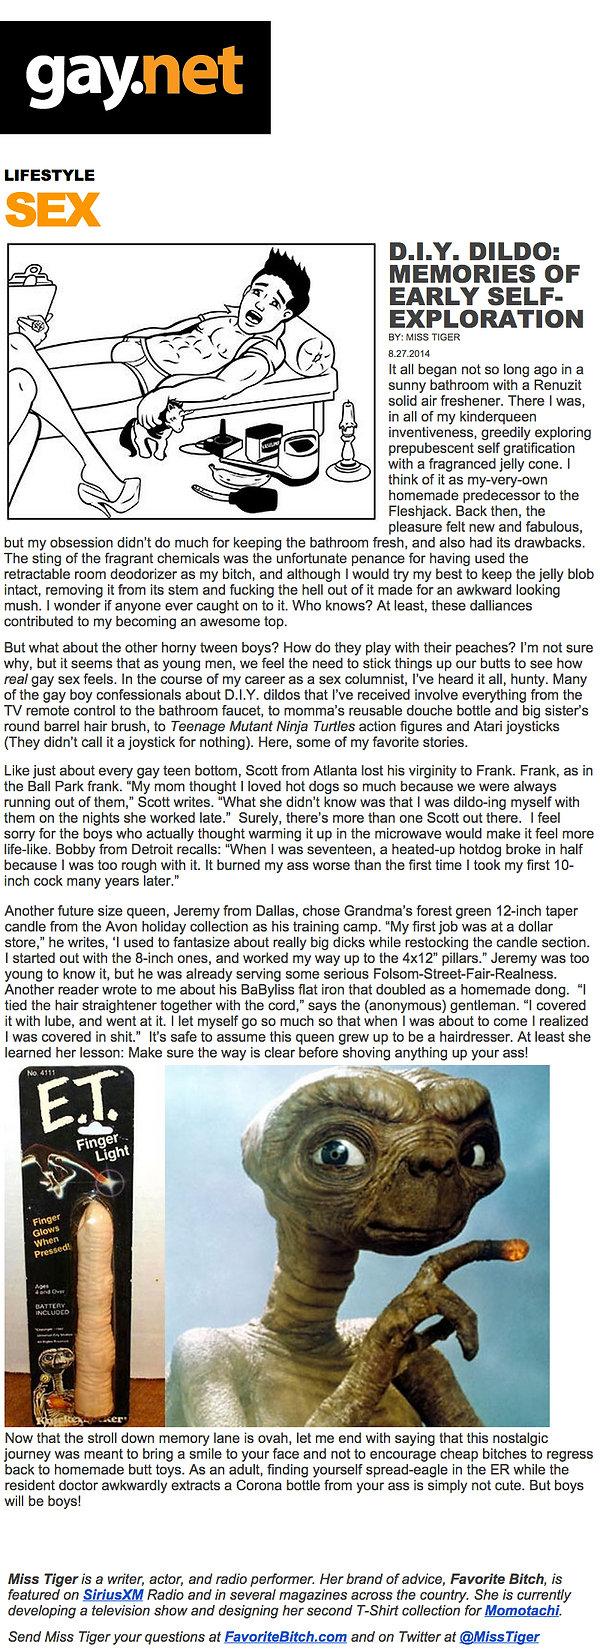 gay.net-article.jpg